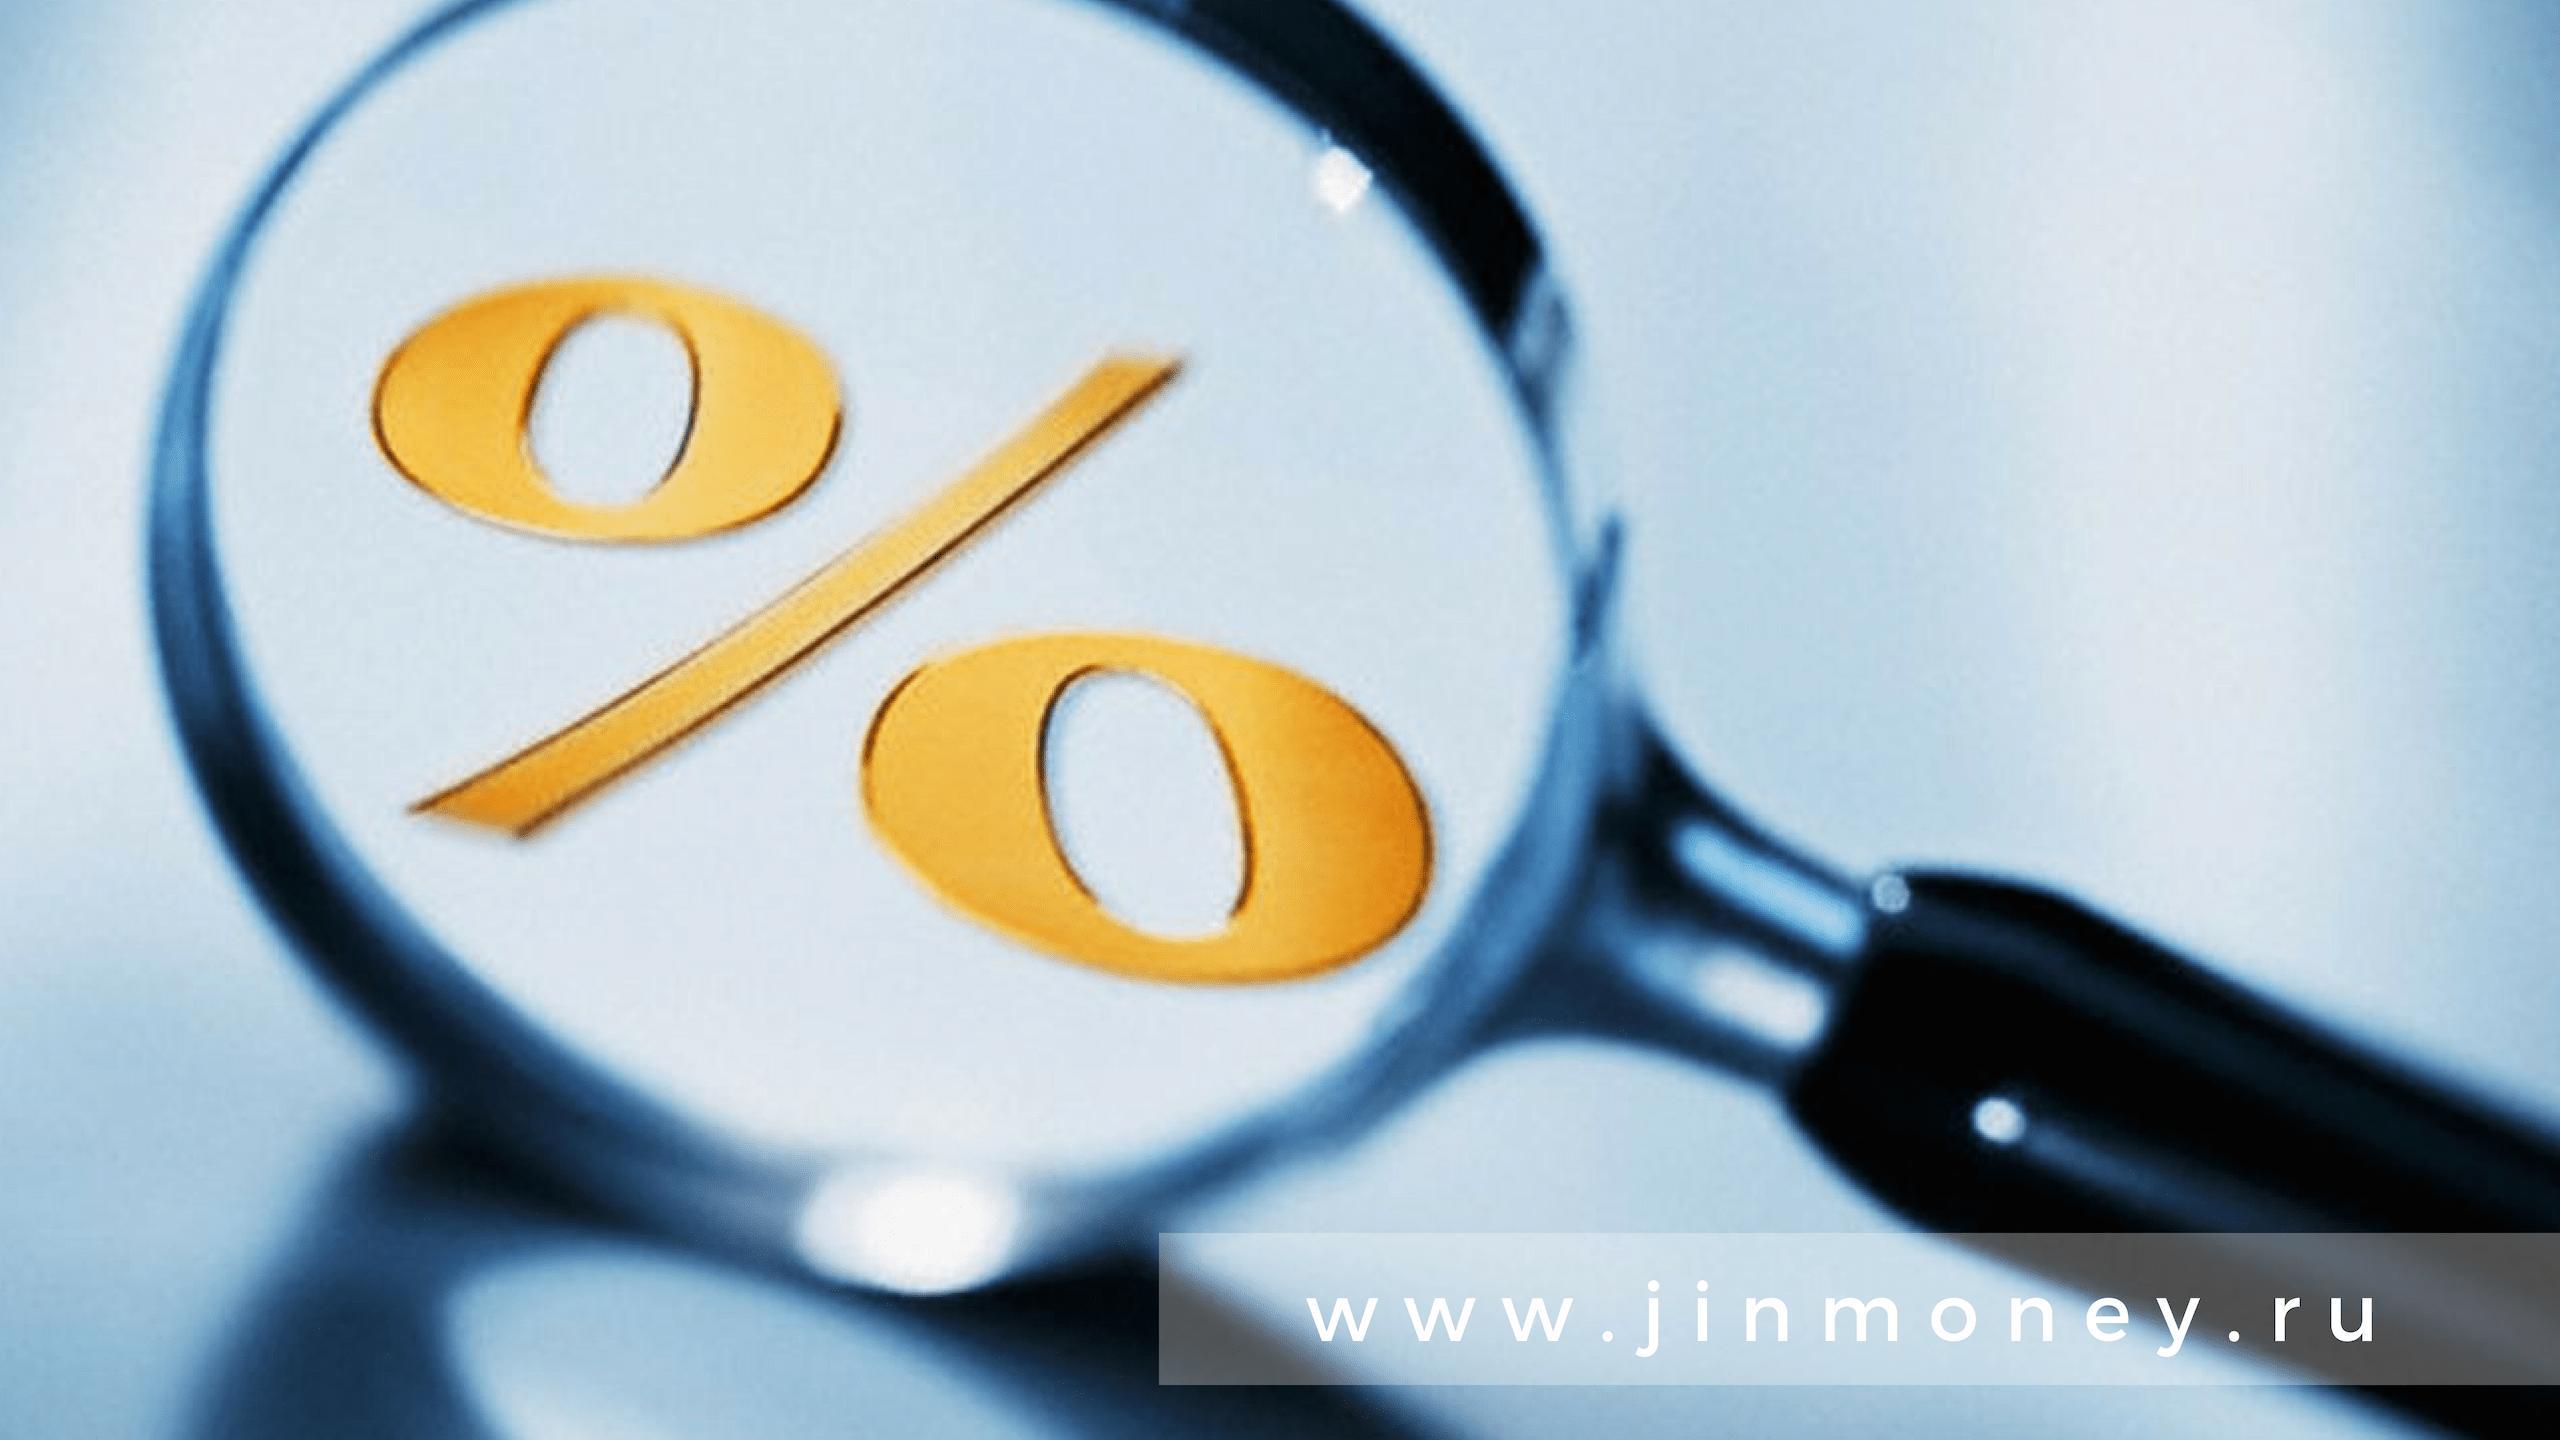 процентные начисления и неустойки по ссудам до одного года ограничены